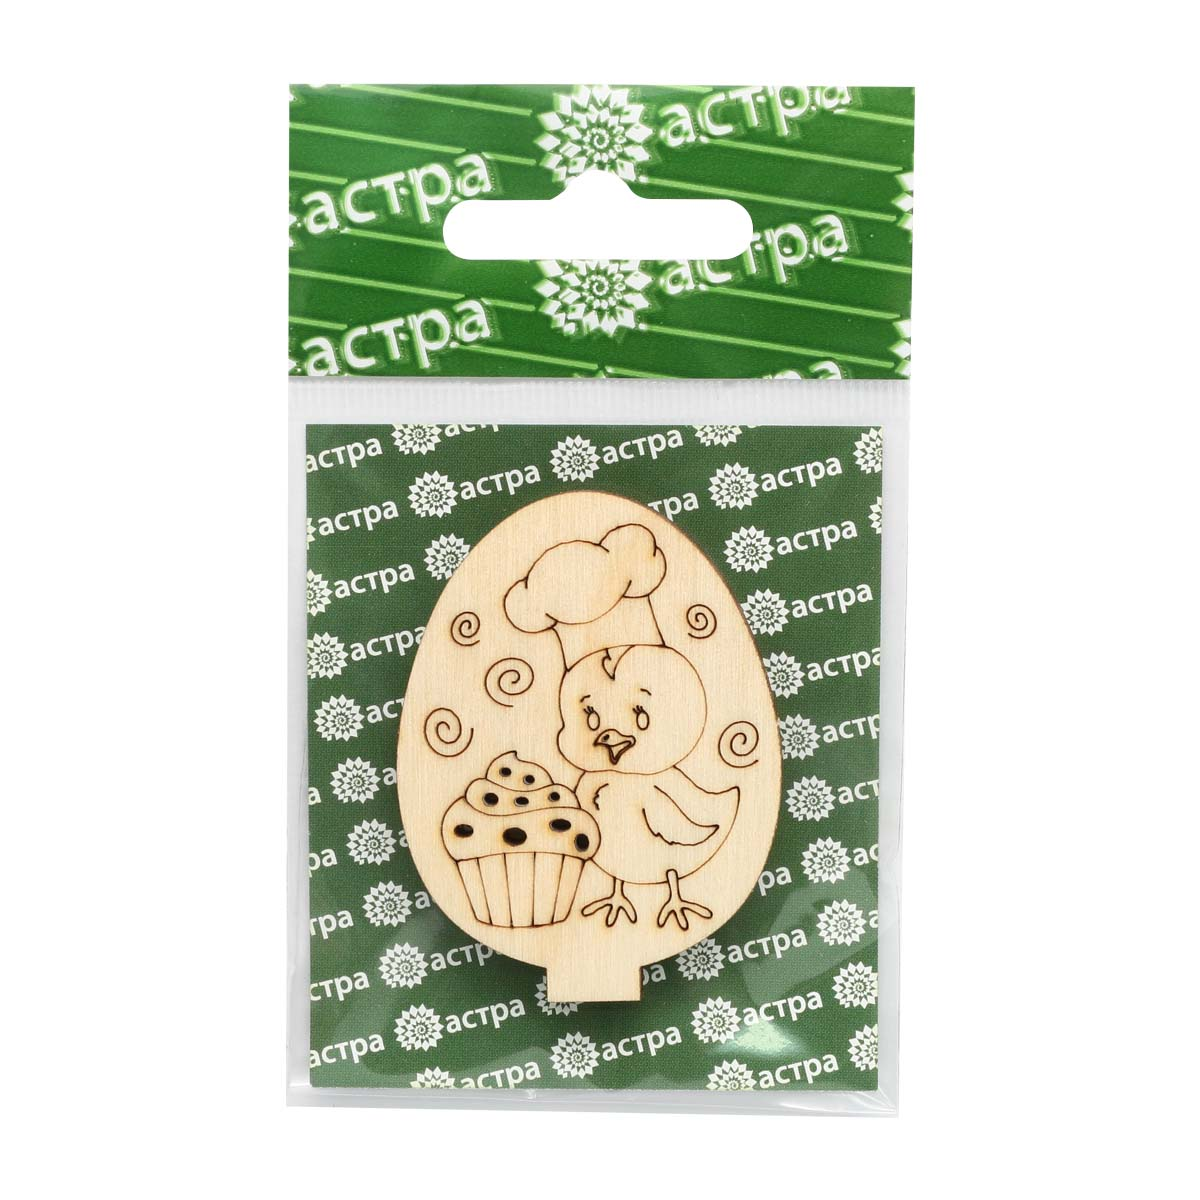 L-1378/7 Деревянная заготовка яйцо на подставке 'Цыпа 7' 5,2*4*2,5см Астра фото